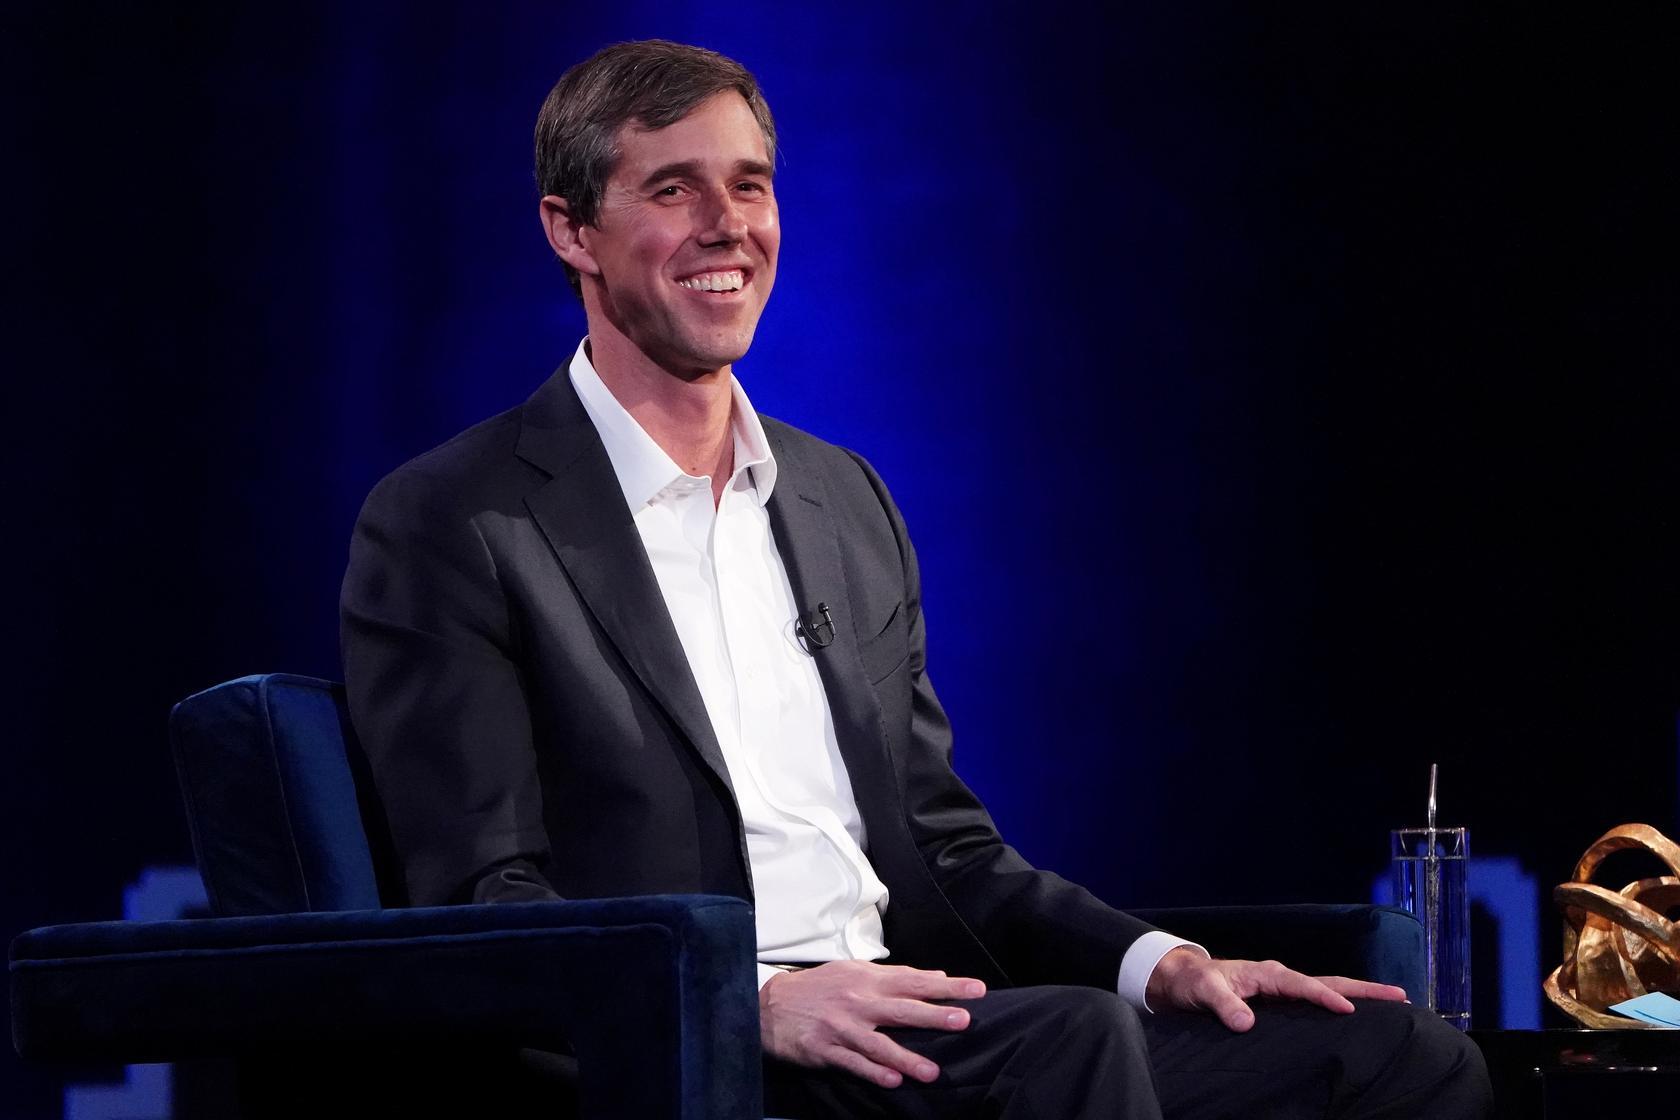 Dân biểu Beto O'Rourke tham gia tranh cử tổng thống năm 2020